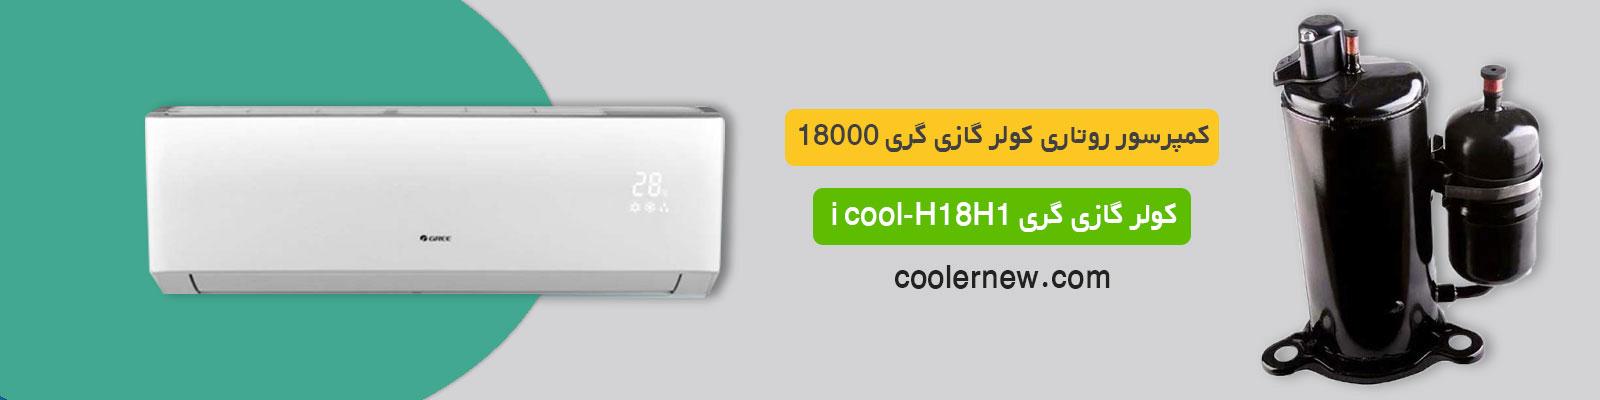 کمپرسور کولر گازی سرد و گرم گری اینورتر 18 هزار گری مدل icool-H18H1 از نوع روتاری